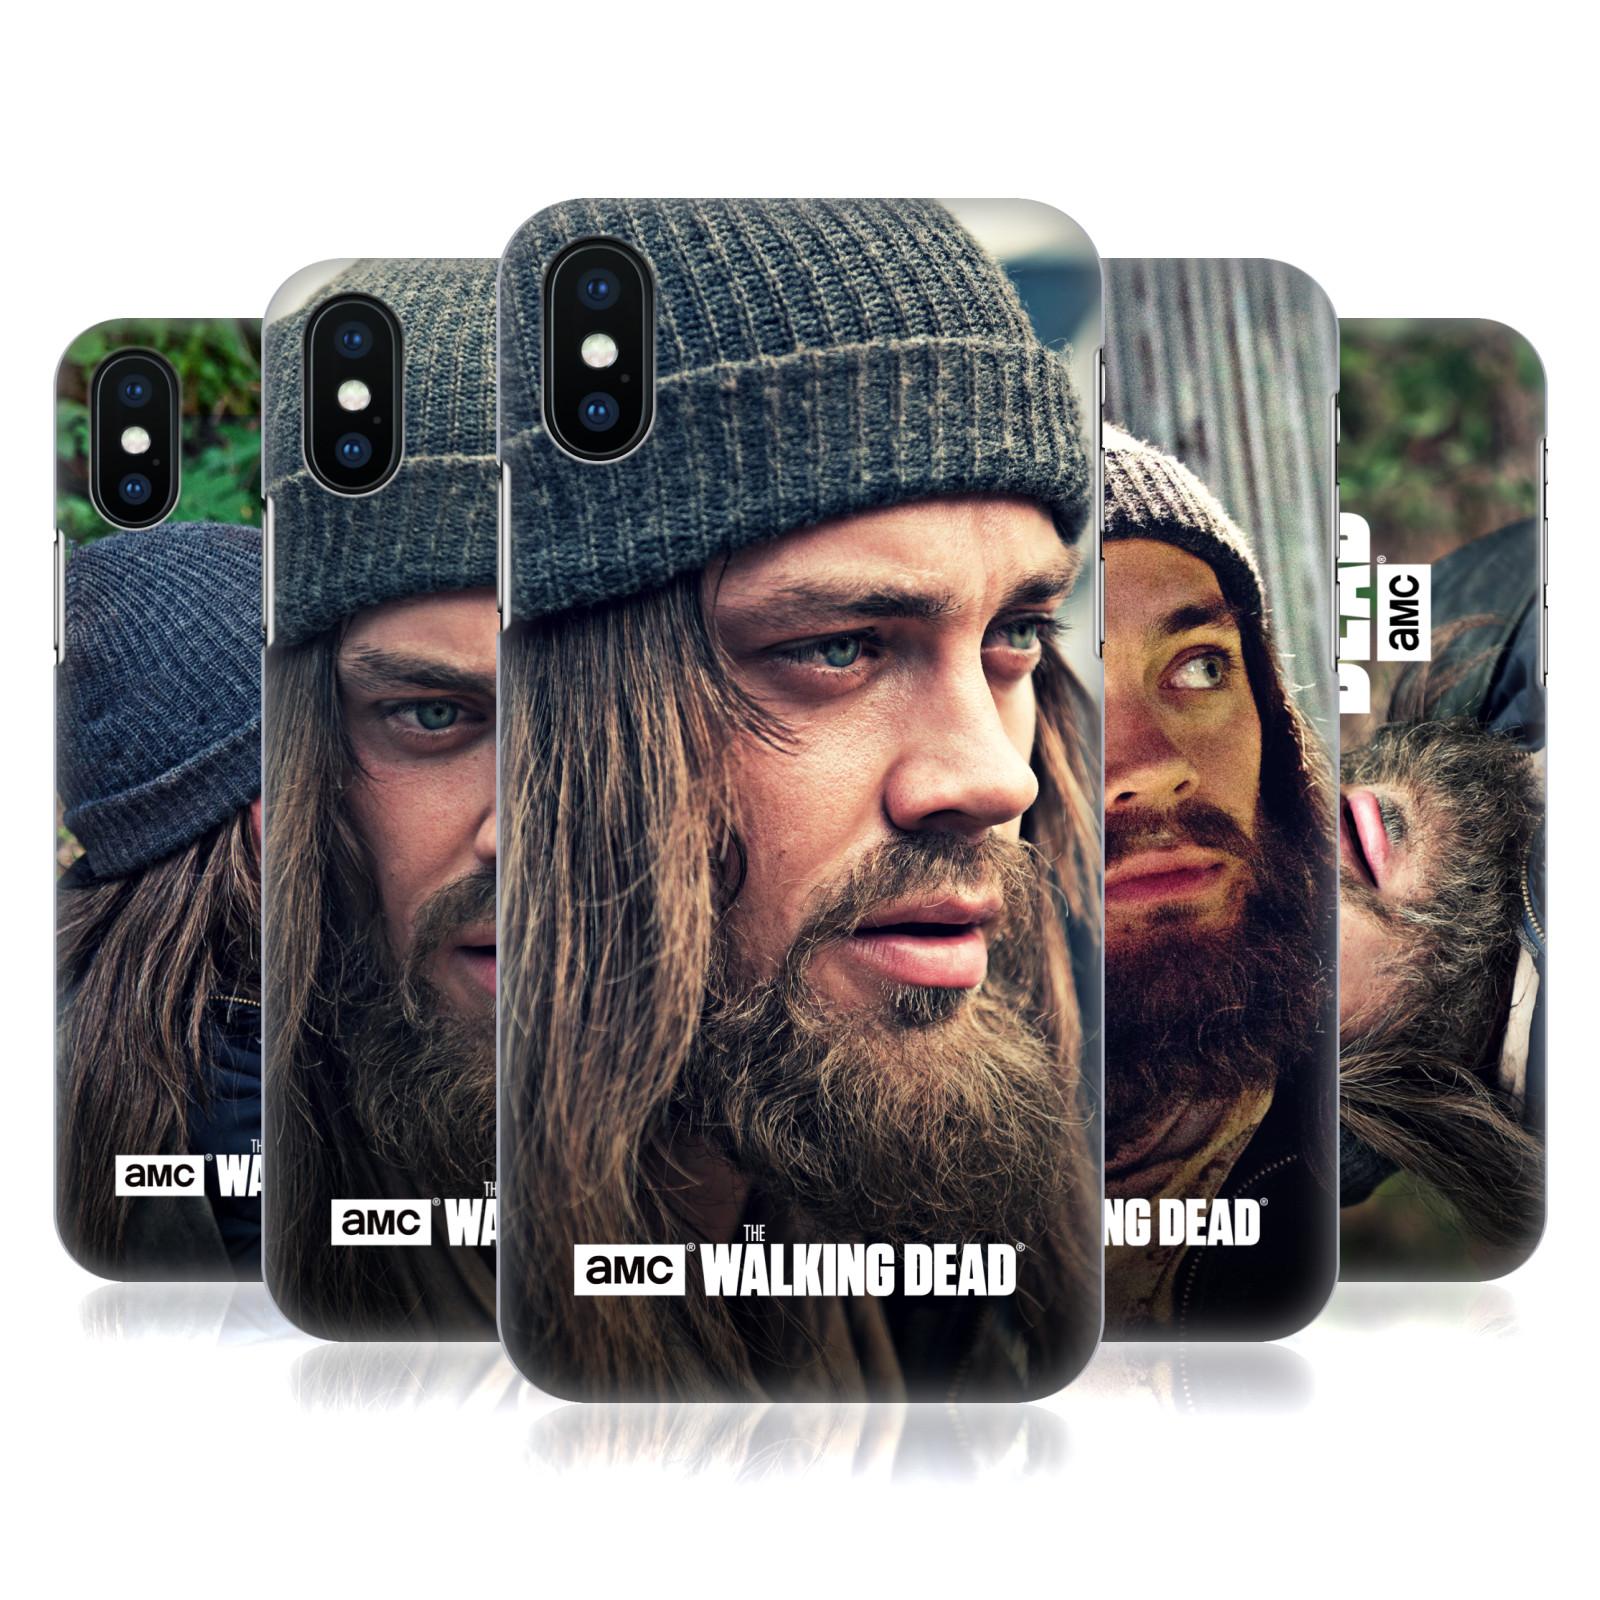 AMC The Walking Dead Jesus